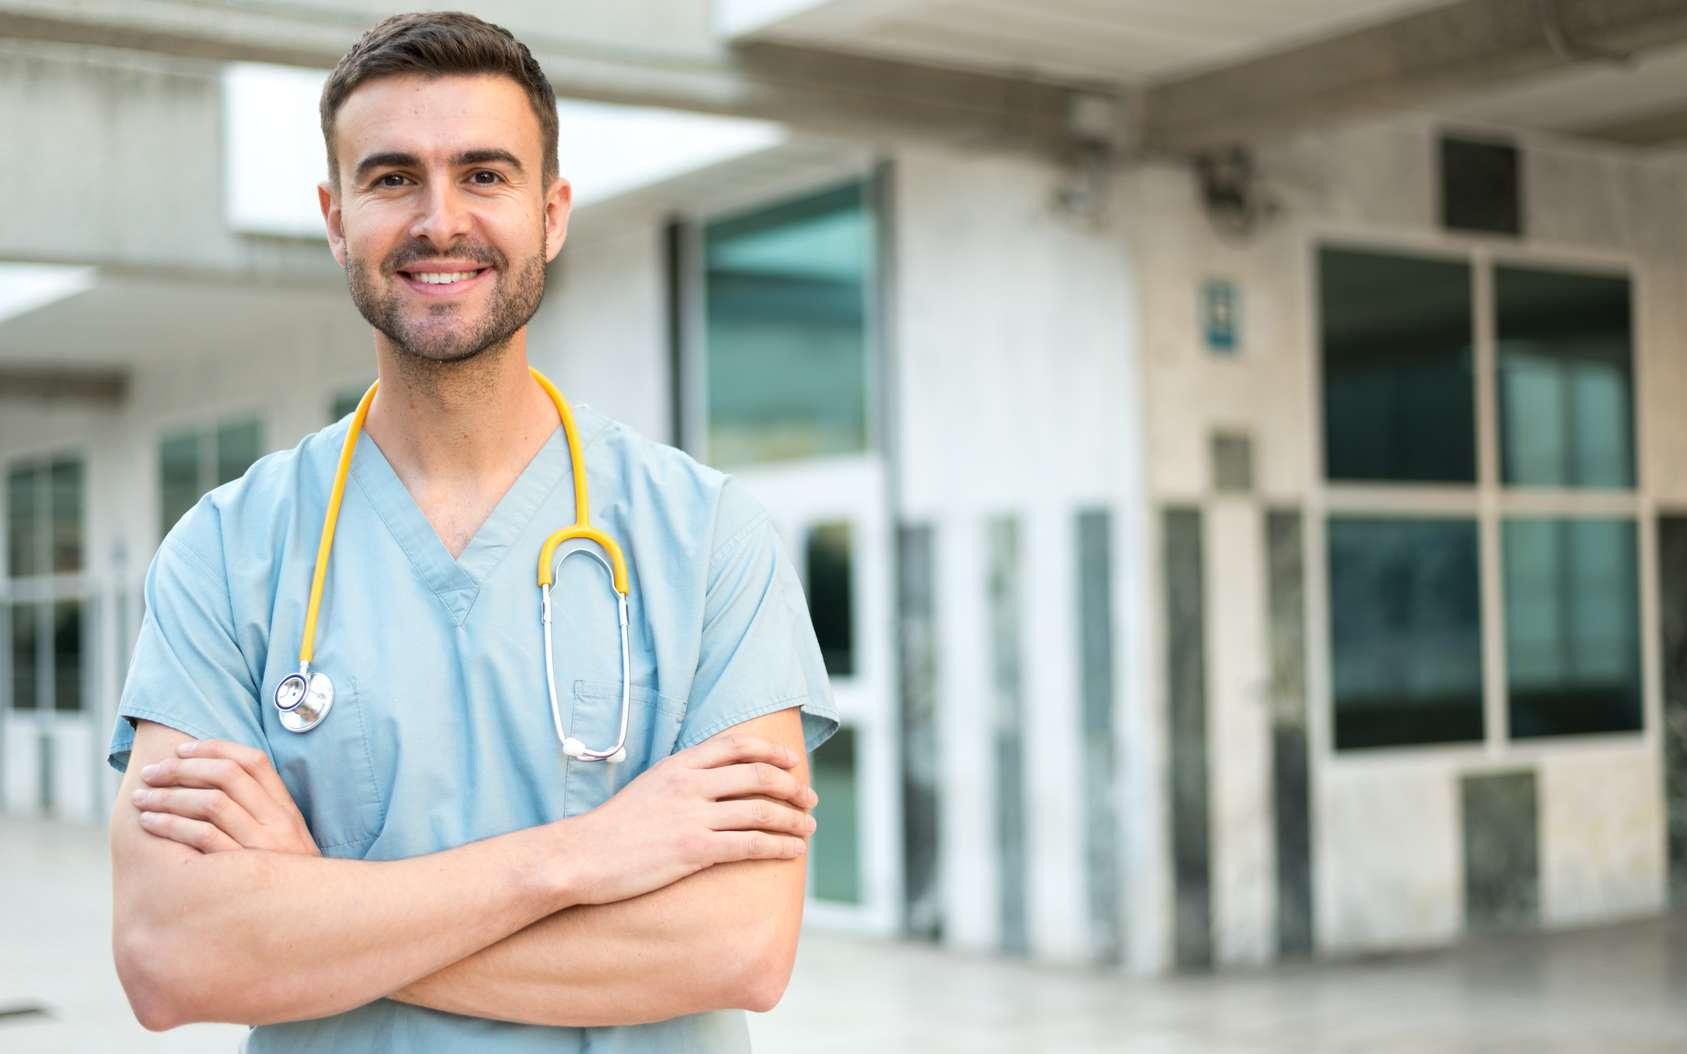 L'infirmier effectue les soins médicaux auprès des patients. Outre son aspect technique, son métier est également très lié aux rapports humains. © DavidPrado, Fotolia.